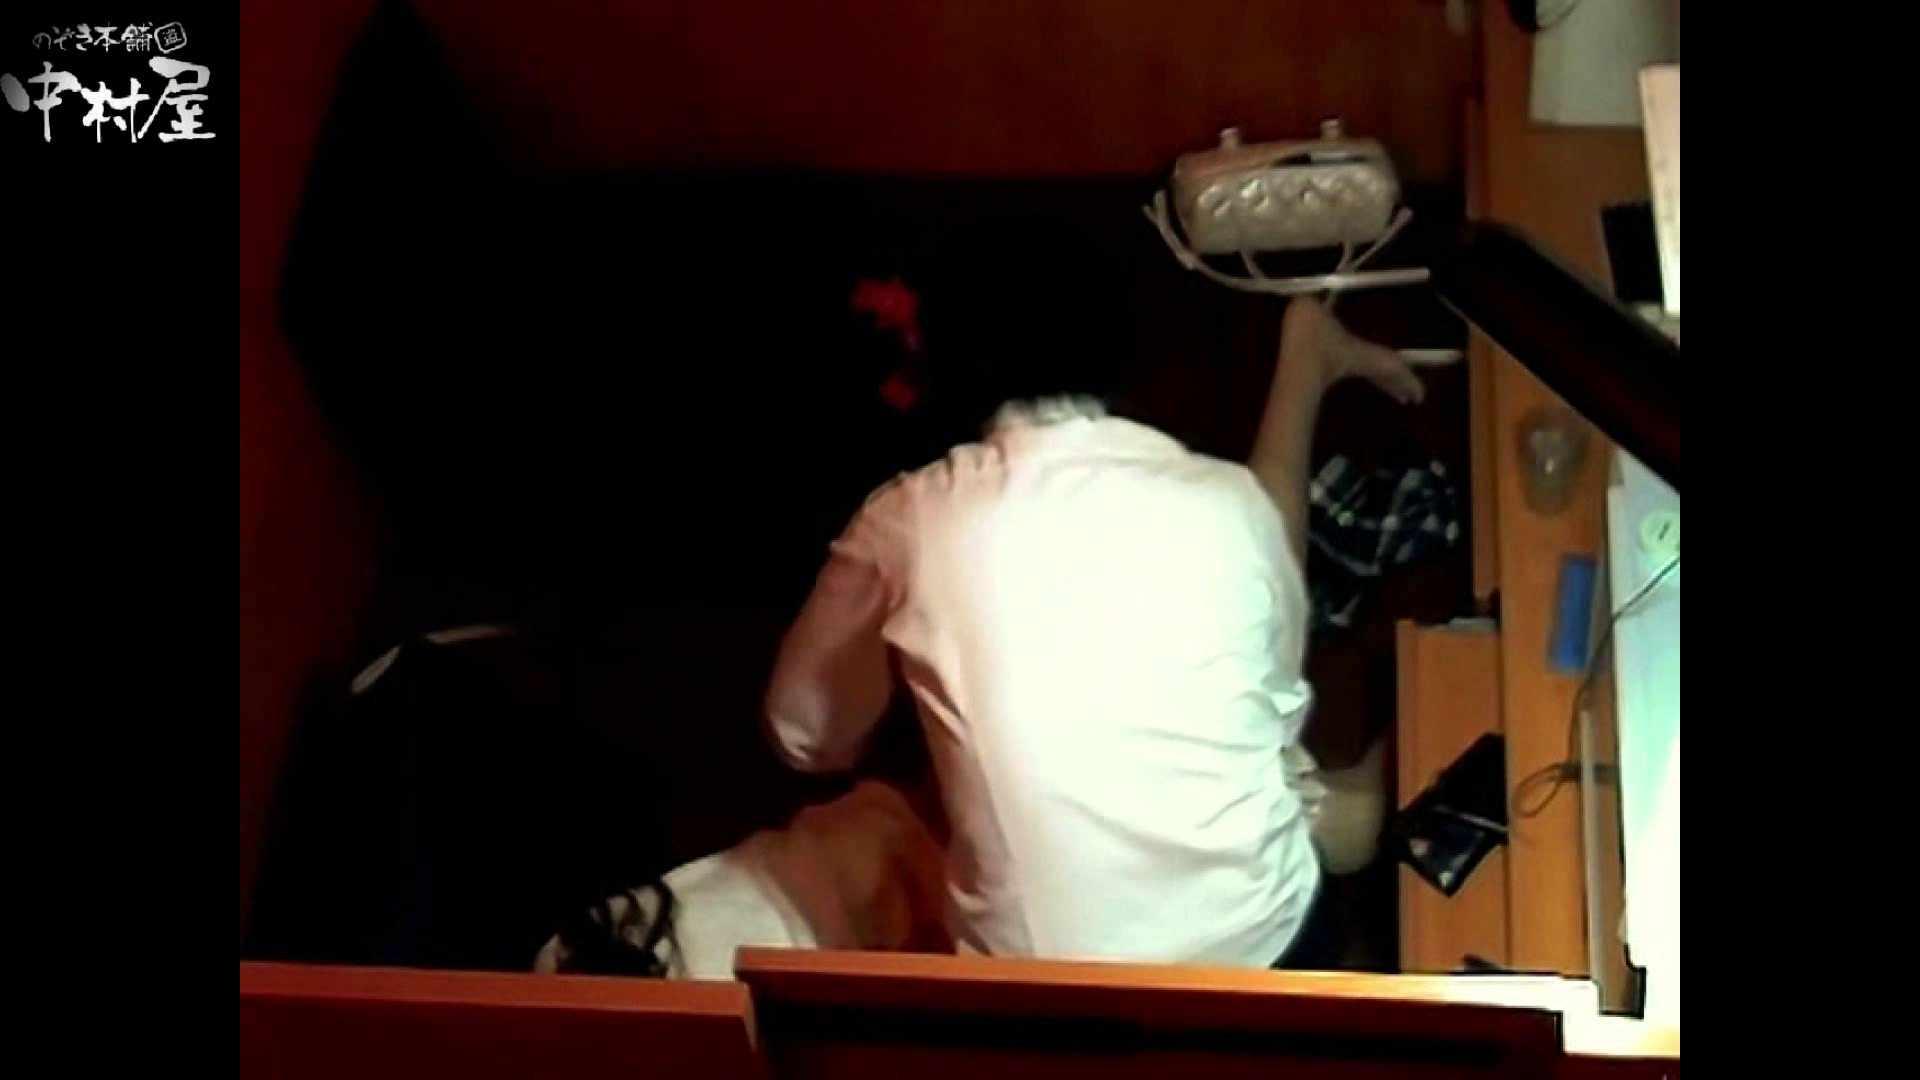 ネットカフェ盗撮師トロントさんの 素人カップル盗撮記vol.9 素人エロ投稿 アダルト動画キャプチャ 66画像 56